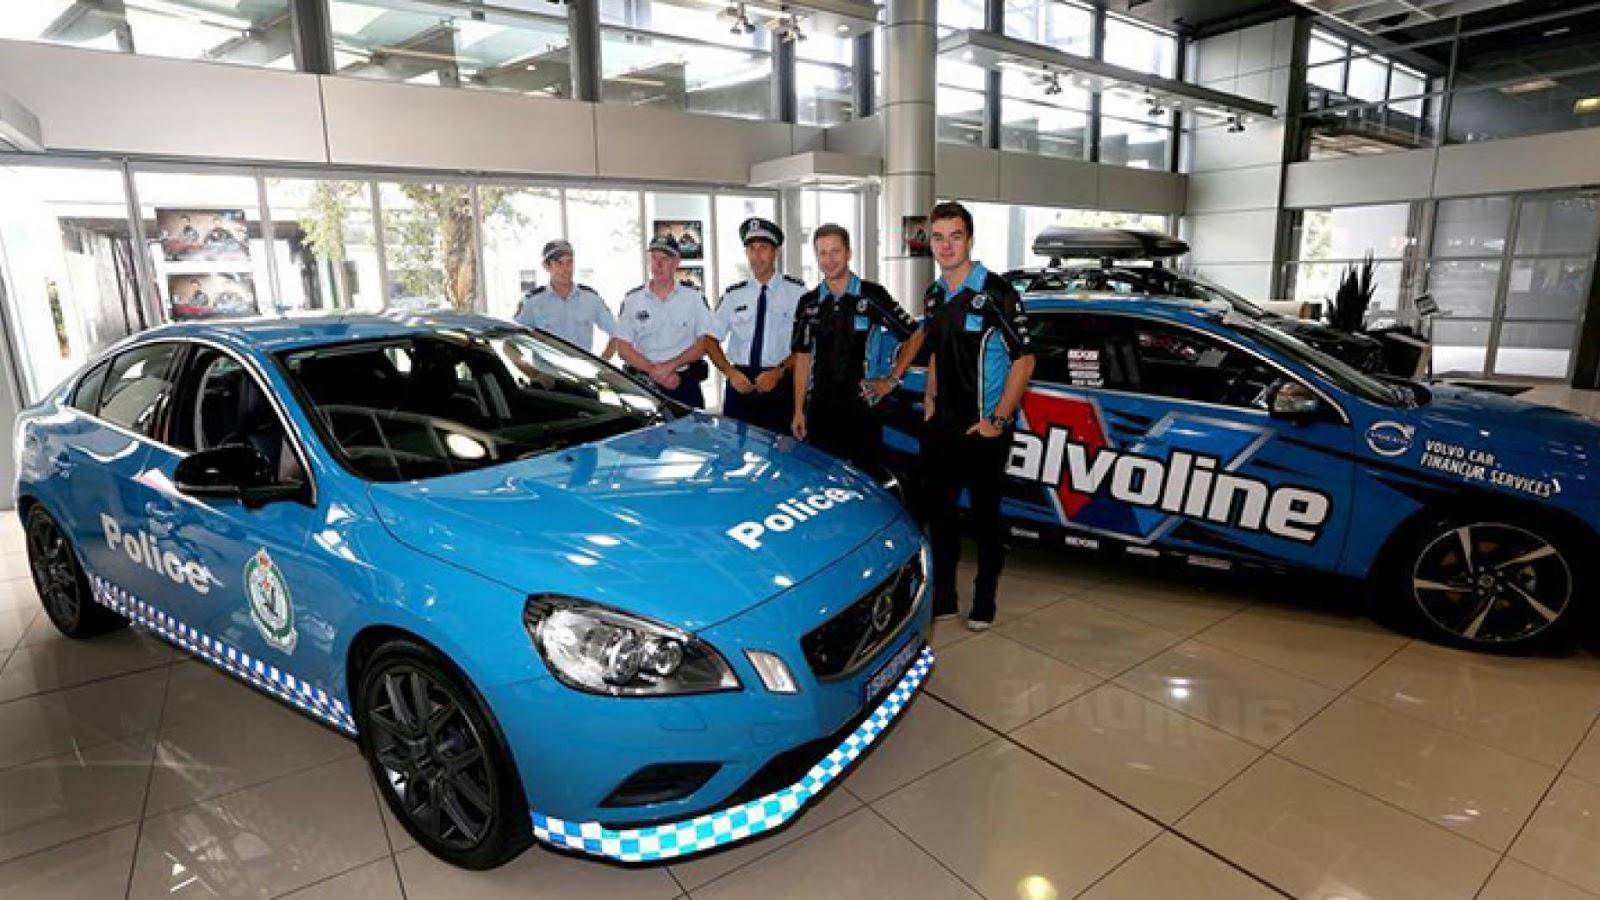 Australian police Volvo S60 Polestar